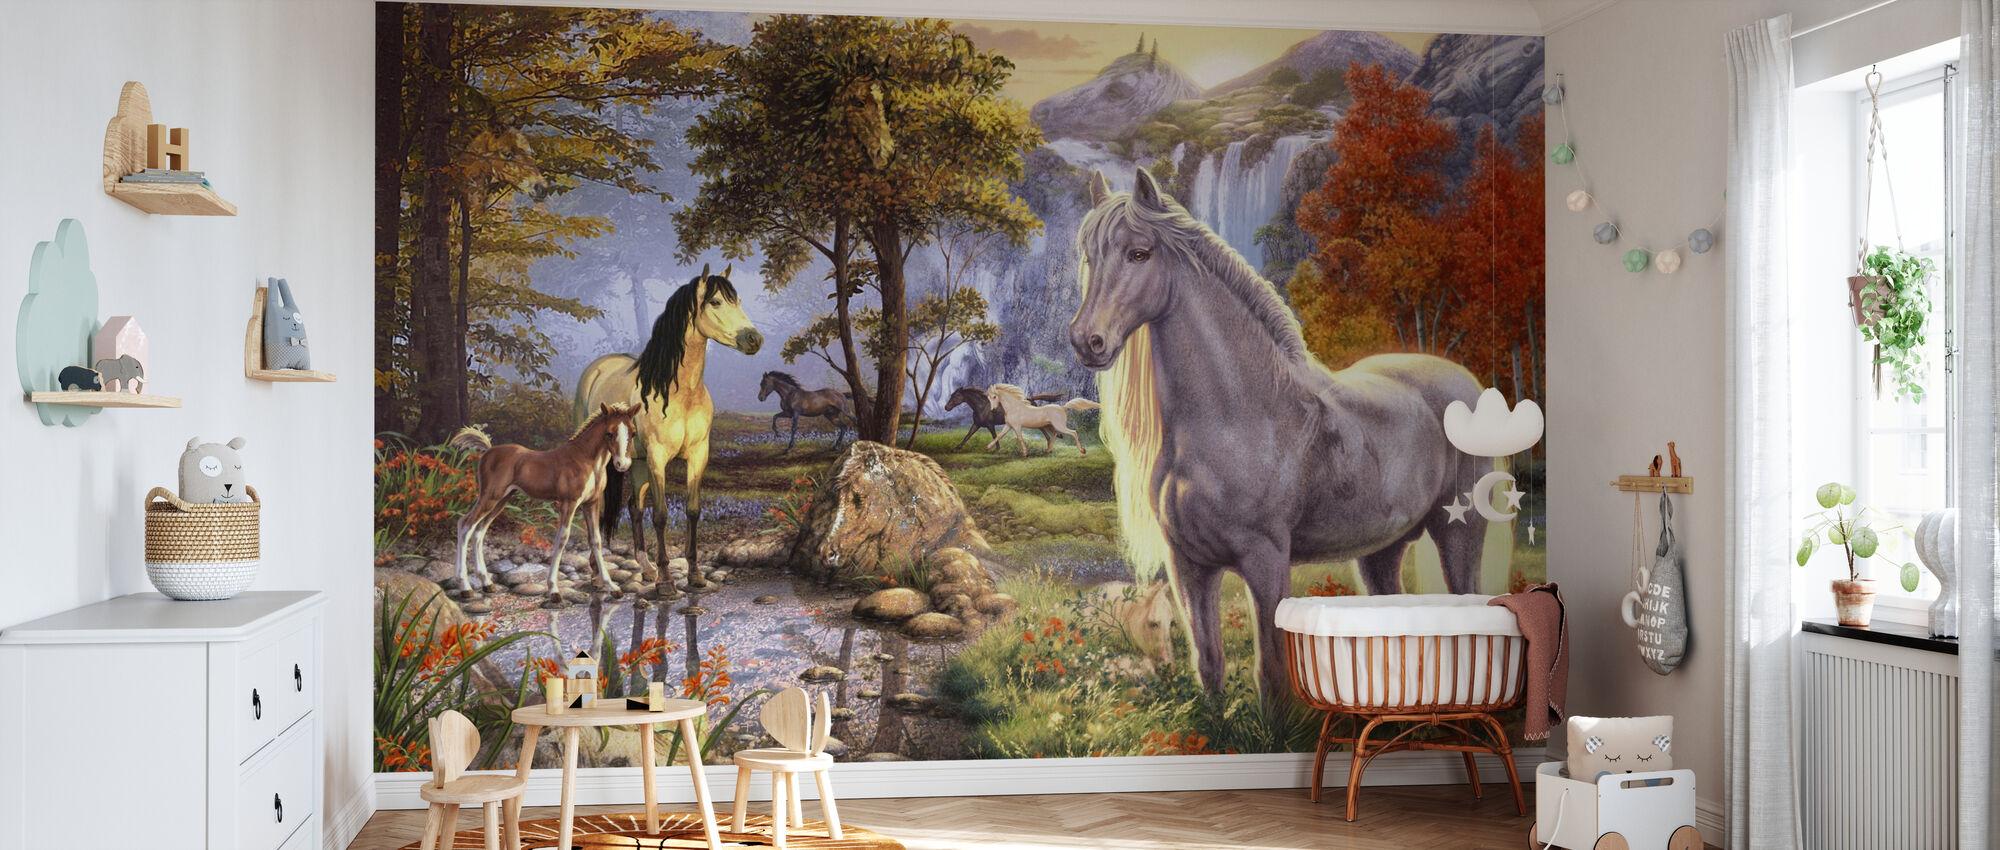 Dolda bilder - Hästar - Tapet - Babyrum